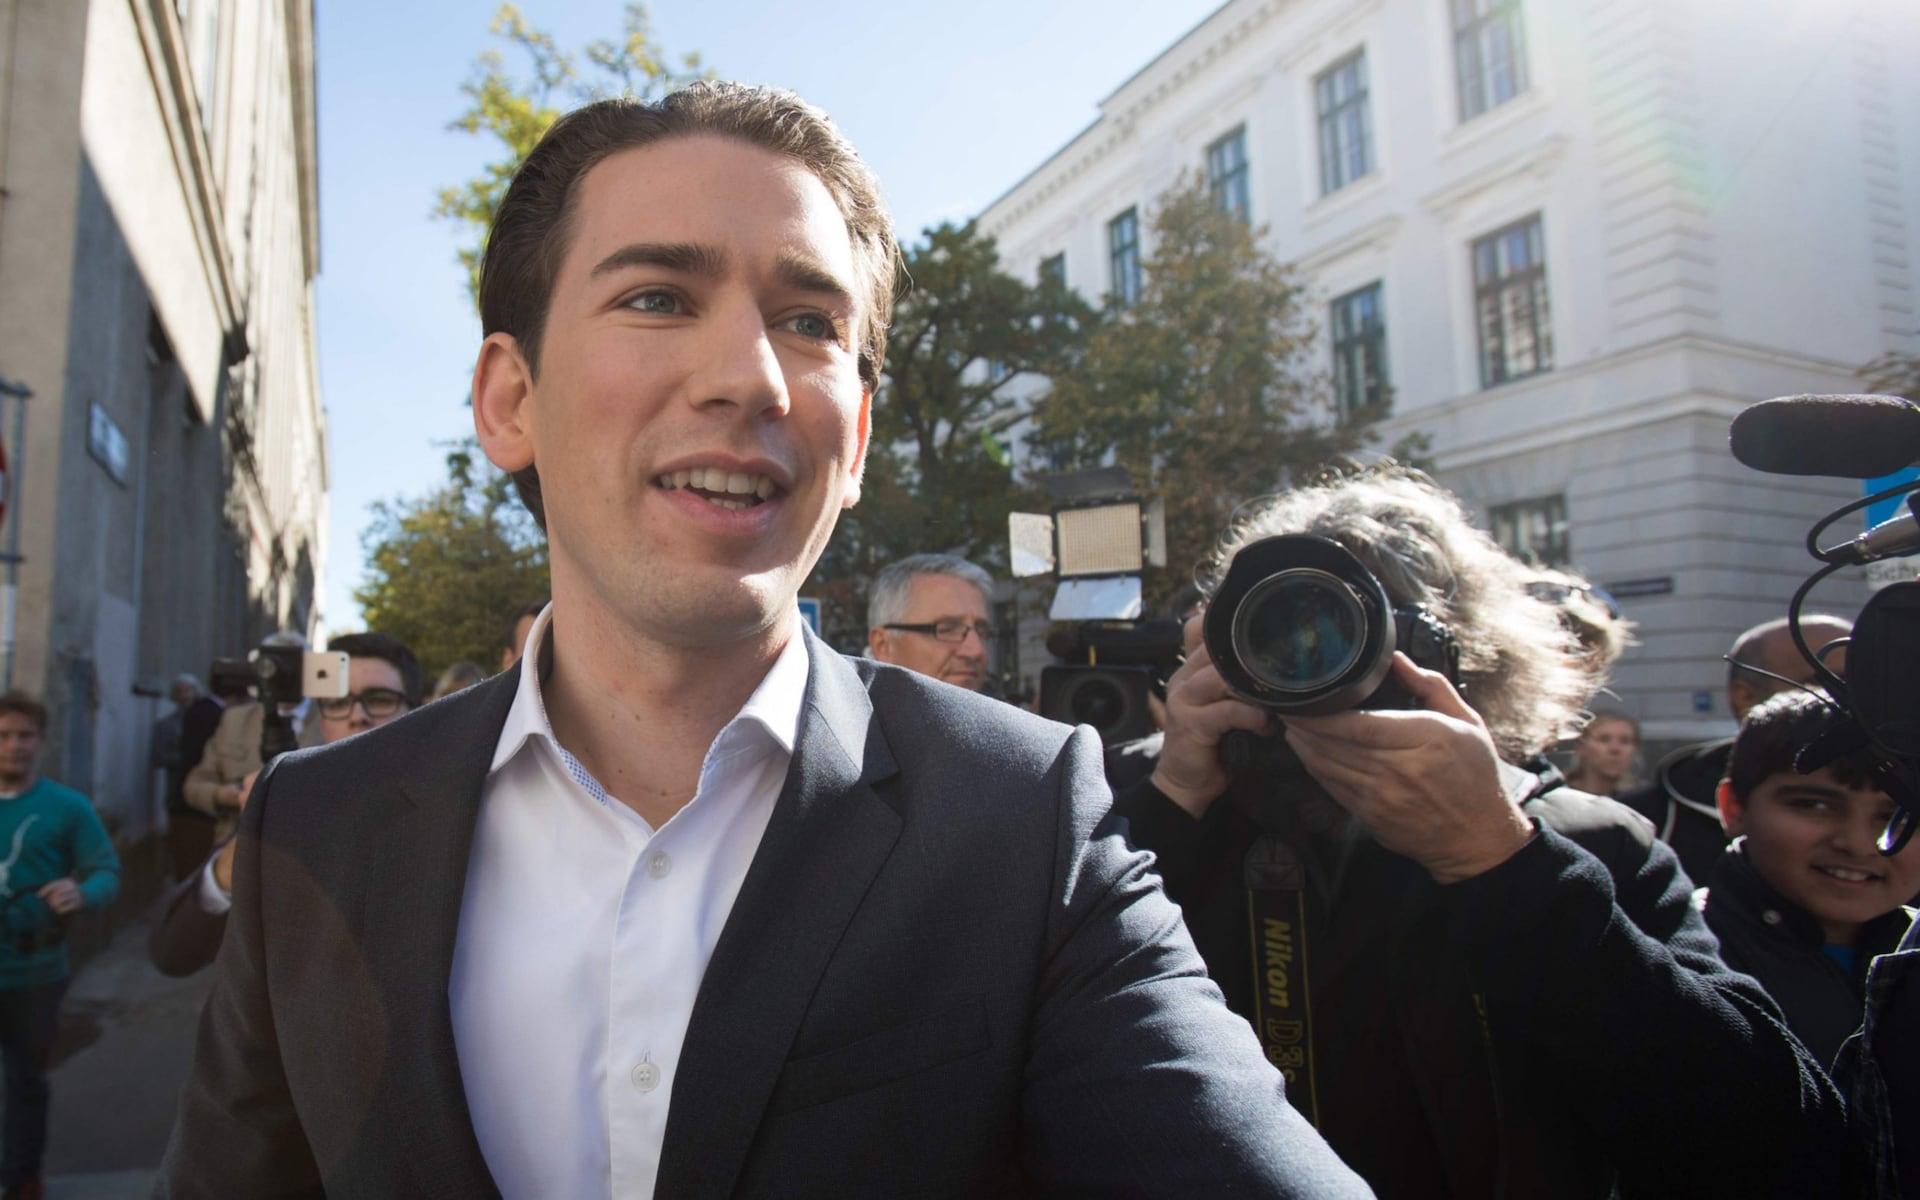 مرد ها مرد محبوب اتریشی ها صدر اعظم می شود؟